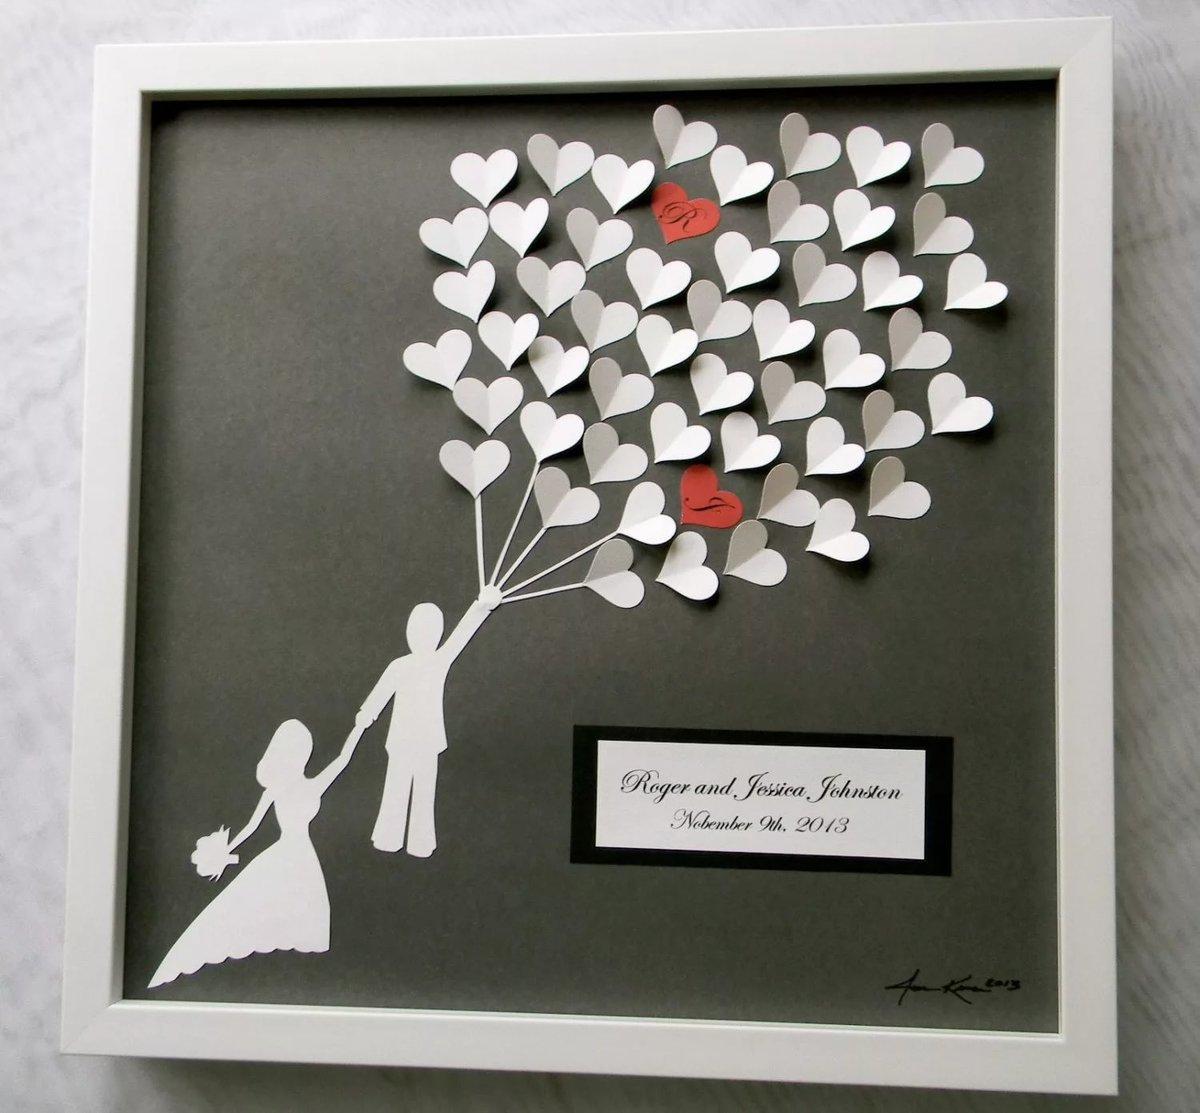 Подарок на свадьбу своими руками легко и быстро